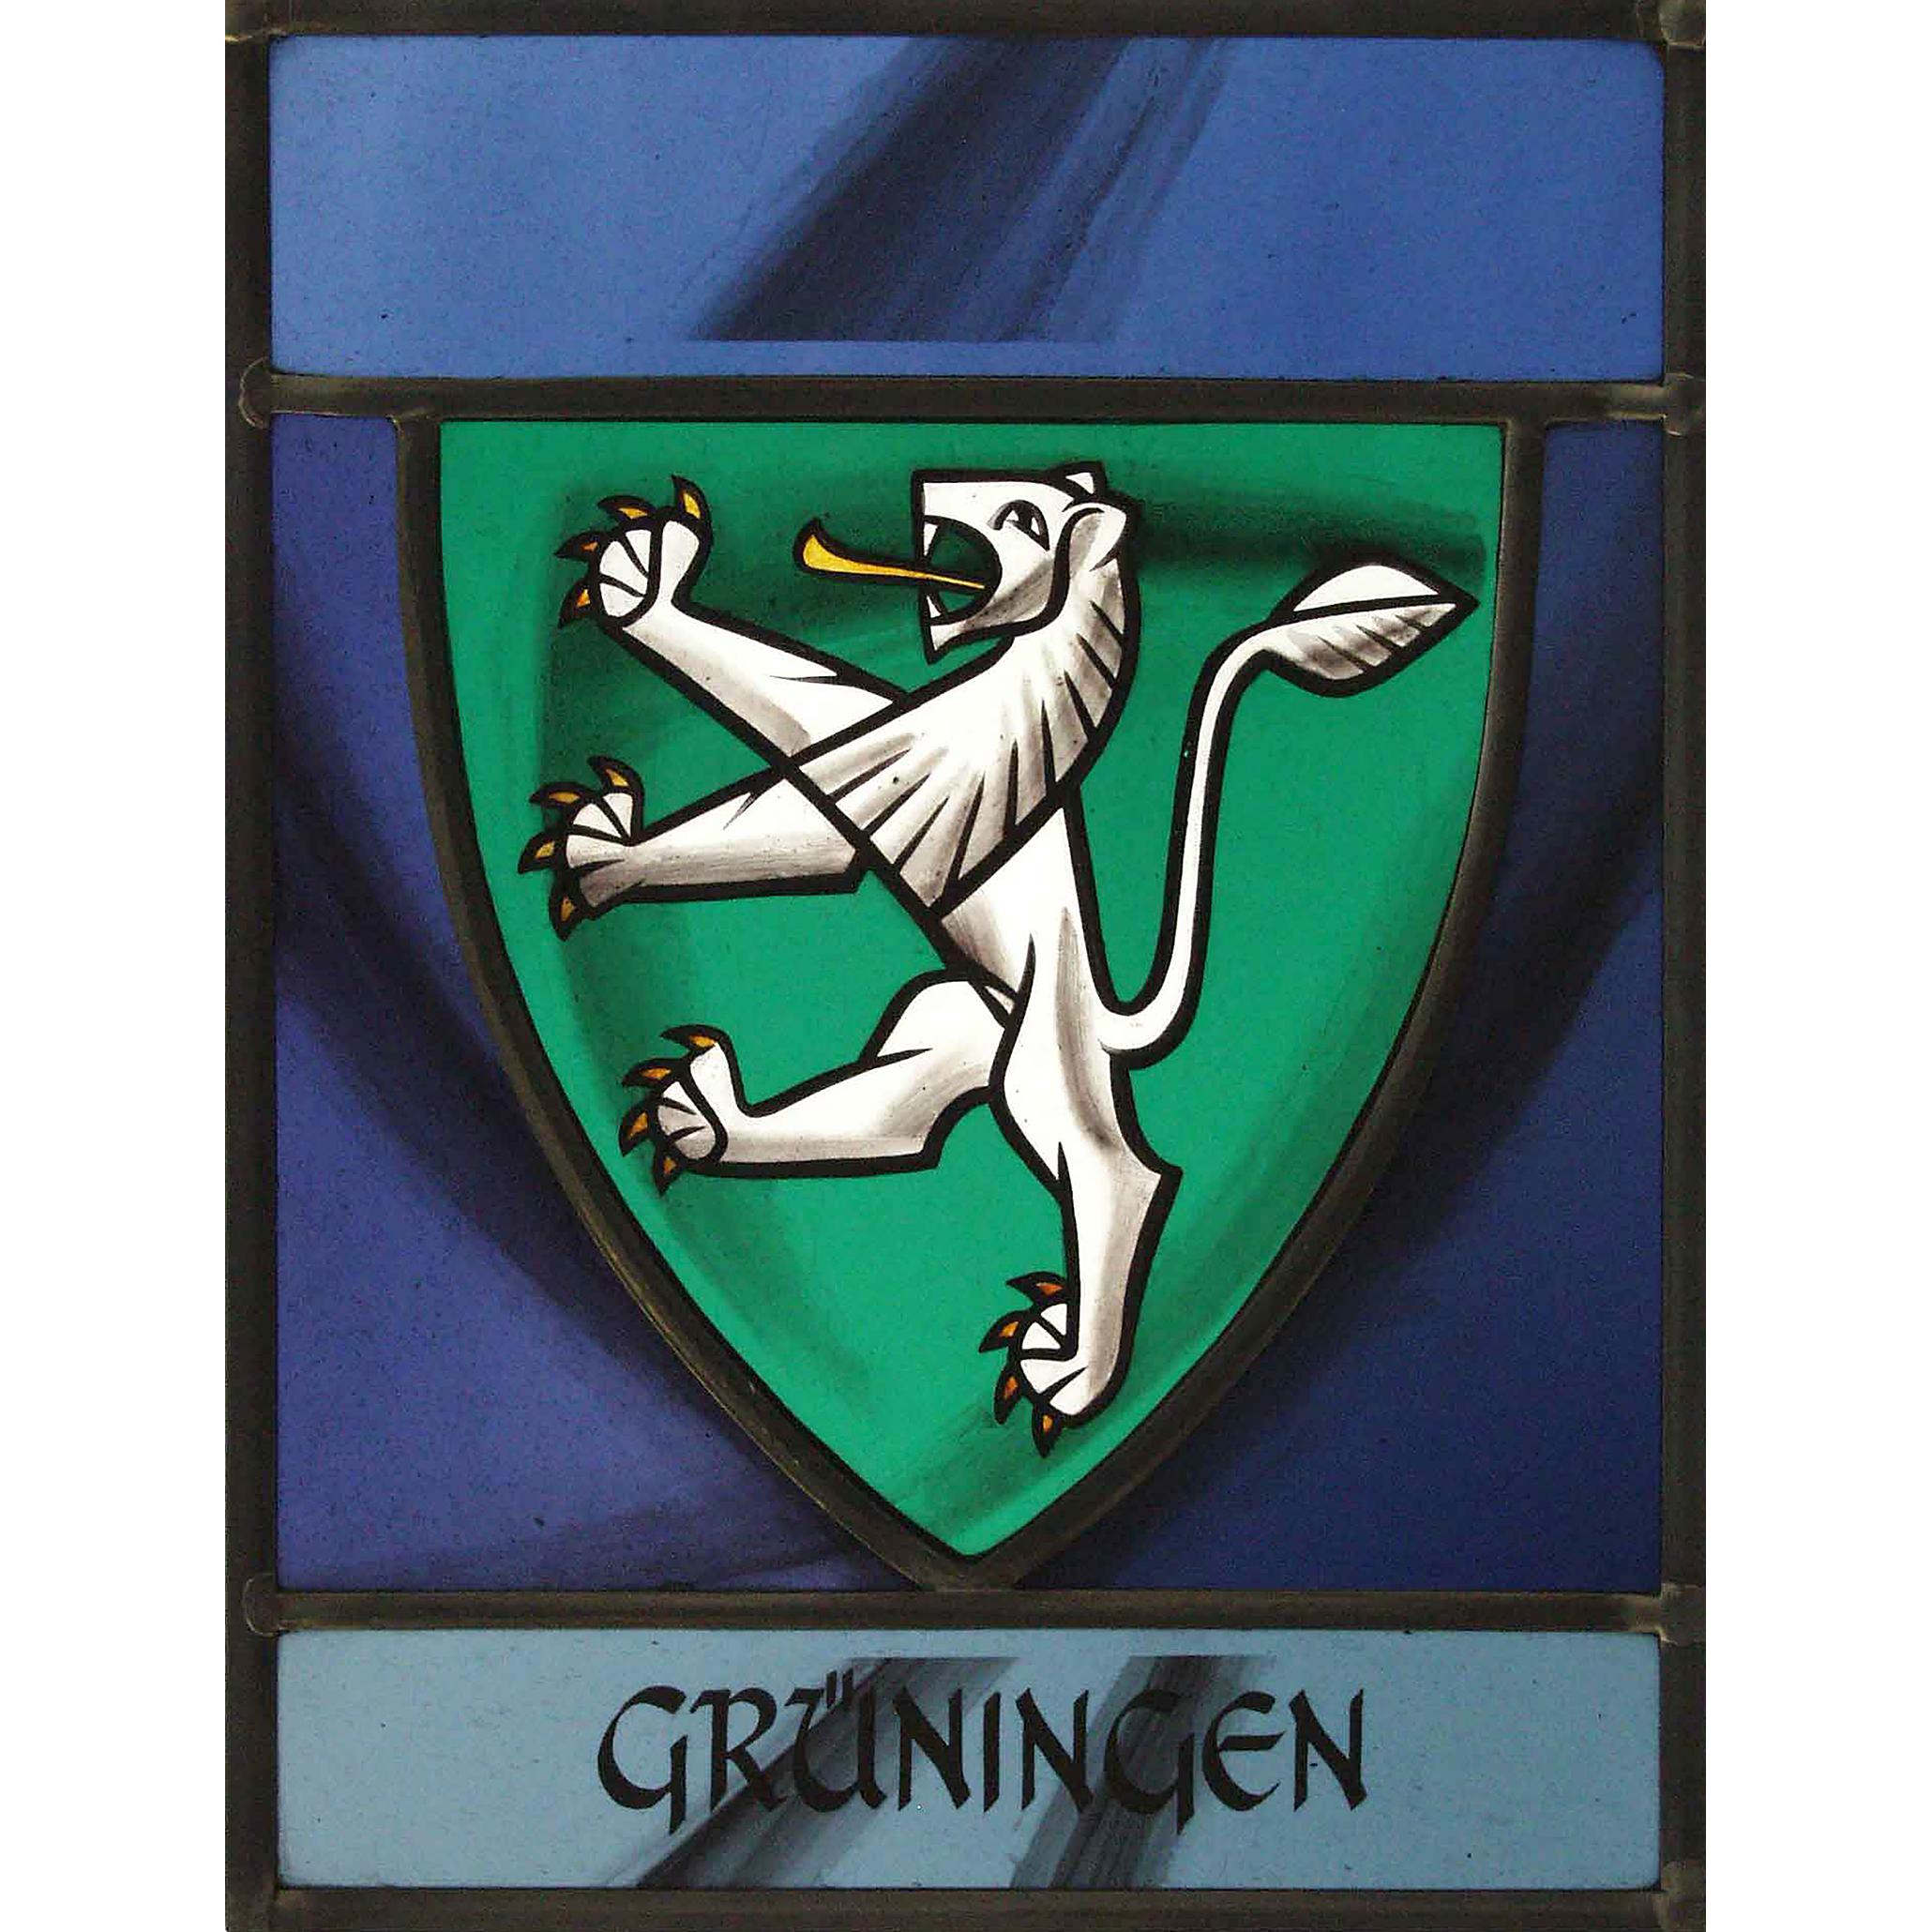 Wappenscheibe Grüningen – Glasmalerei -Bleiverglasung